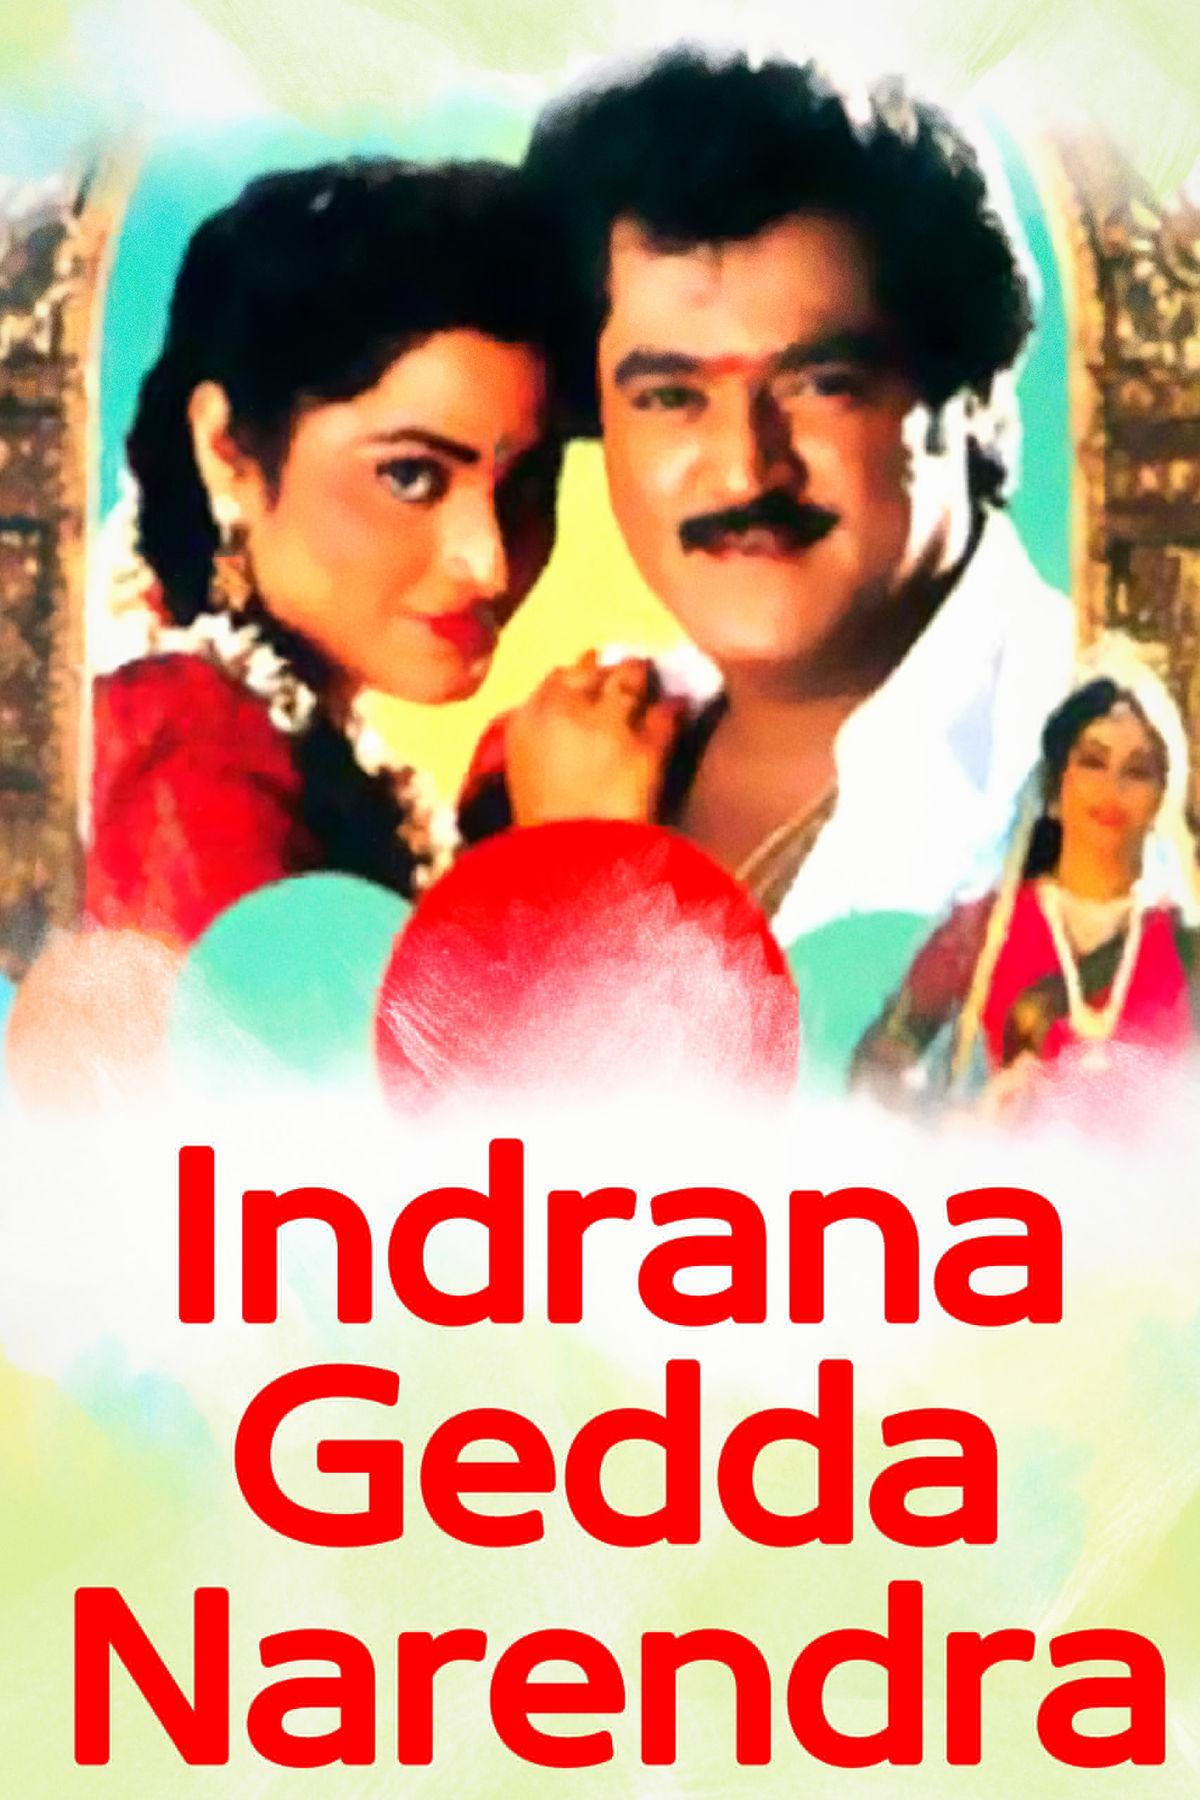 Indrana Gedda Narendra